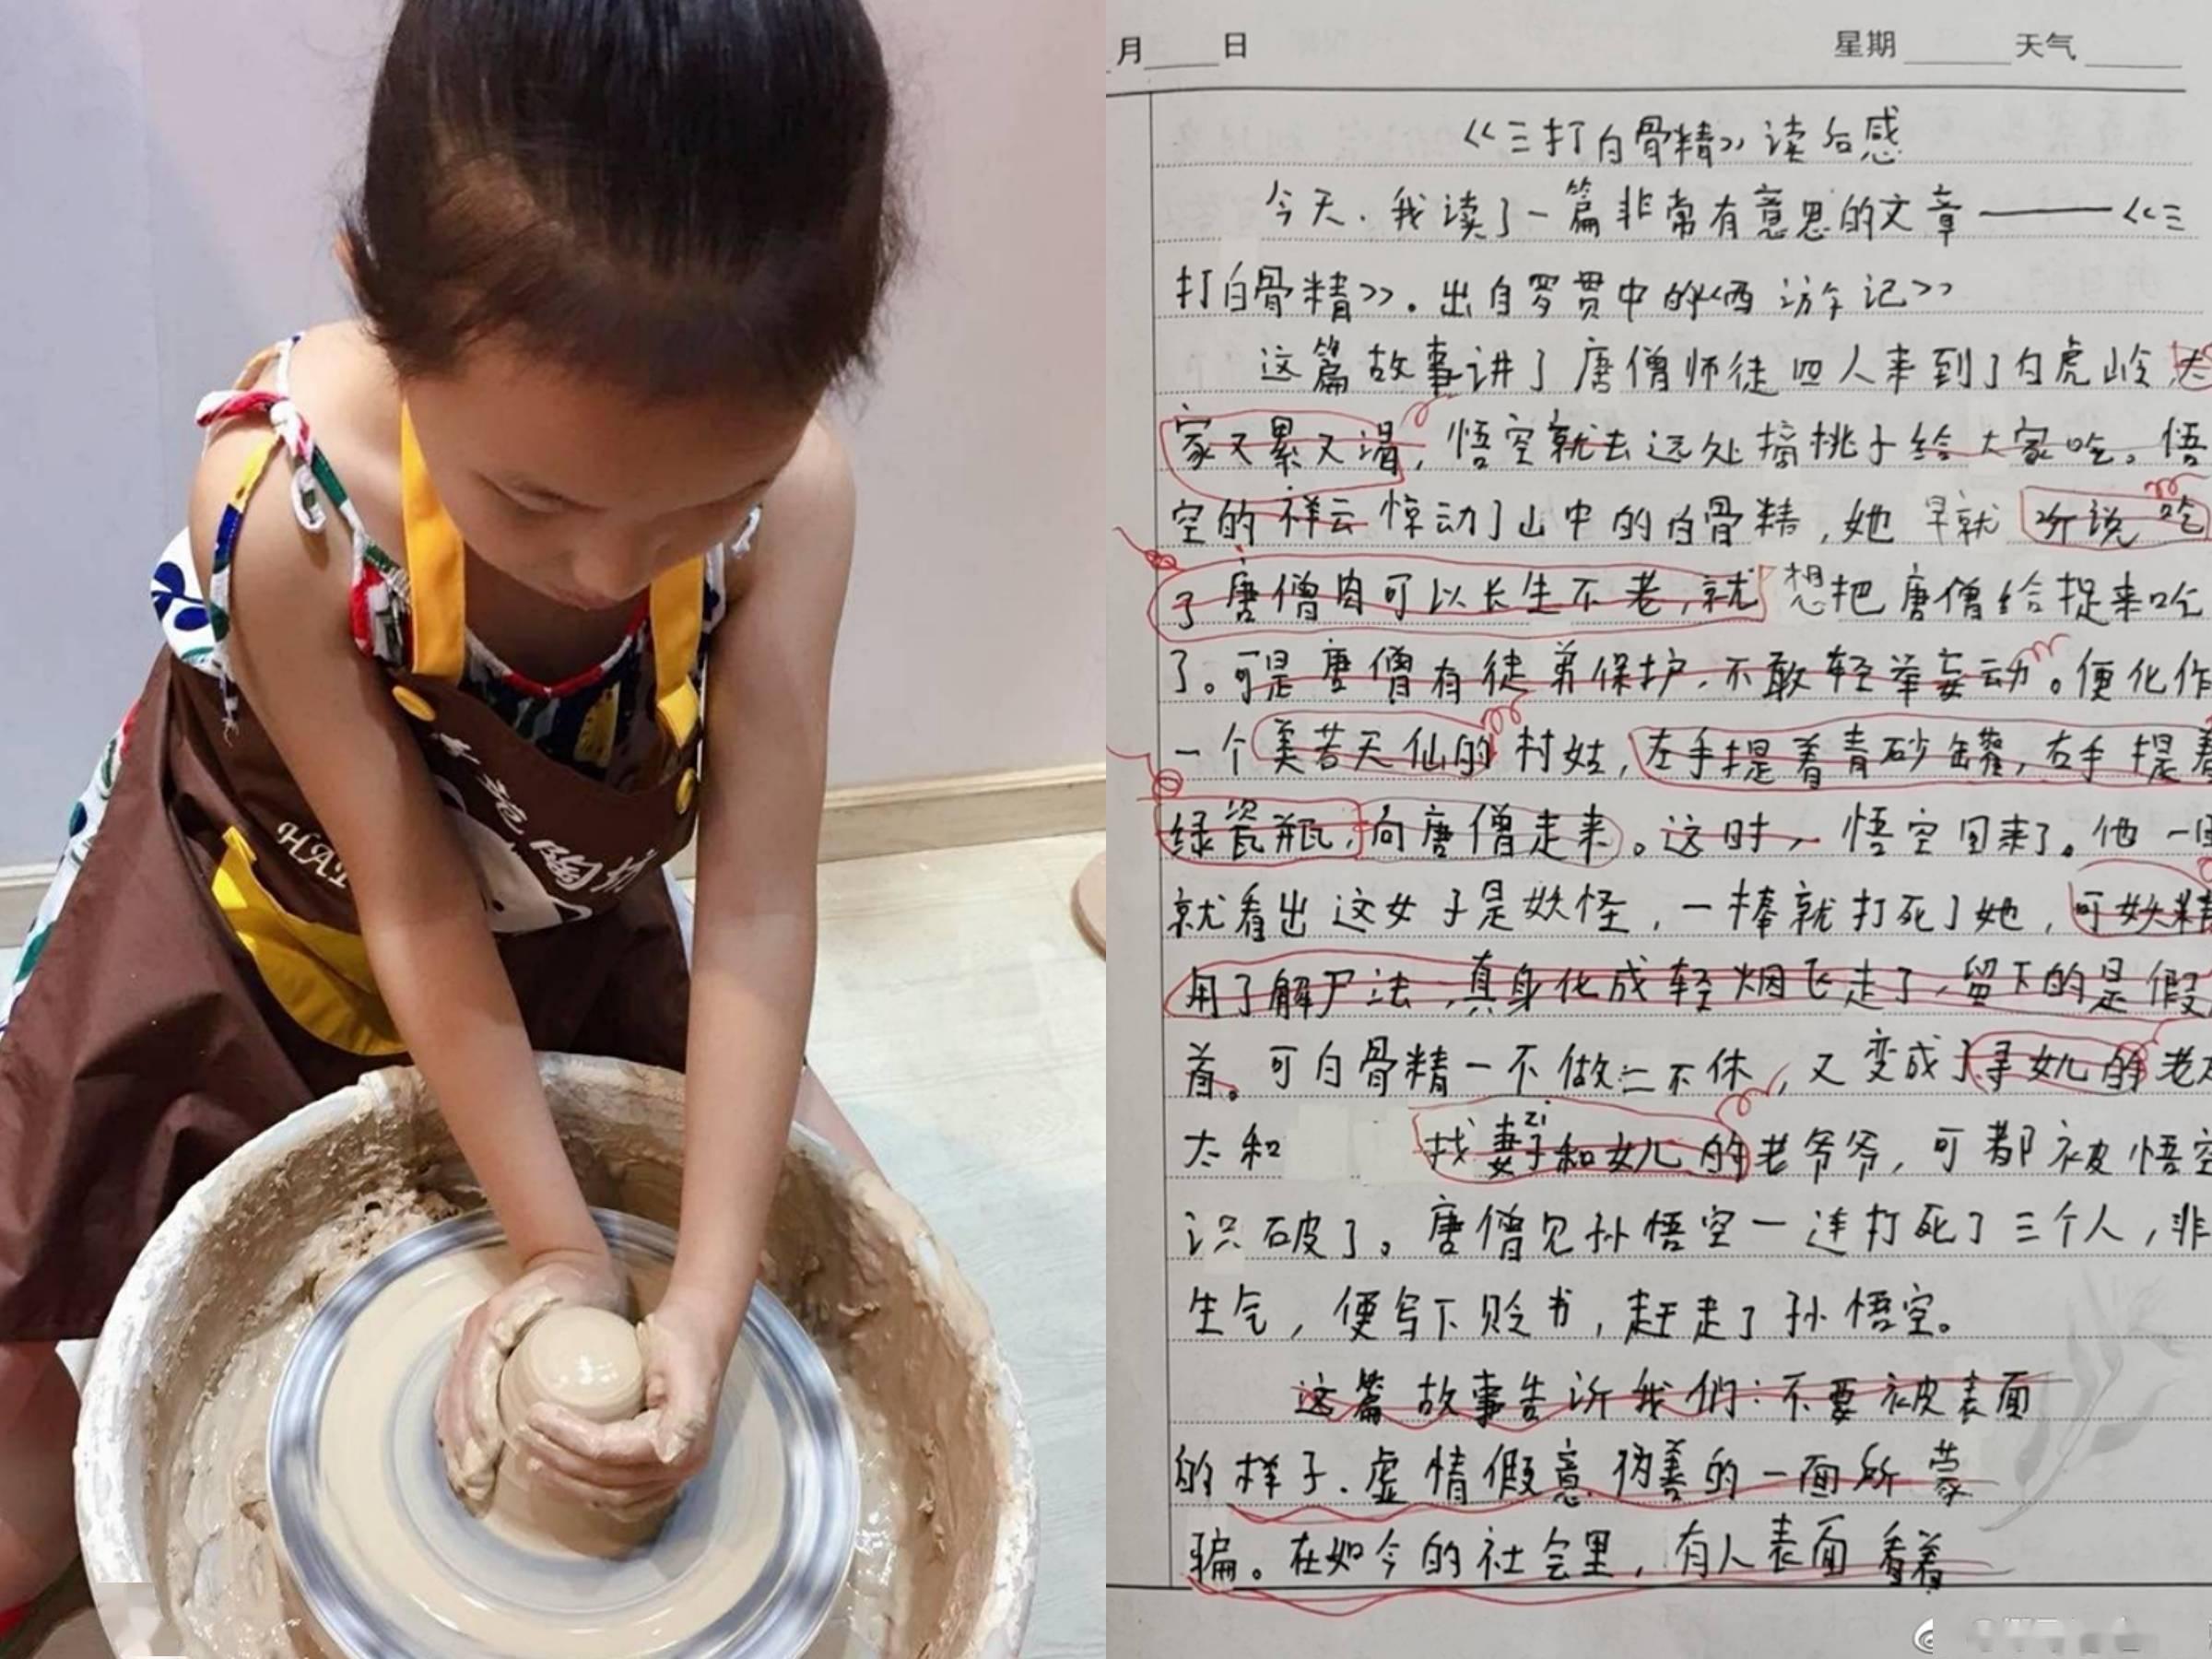 坠亡小学女生家长再发文,称孩子去年被老师扇耳光并非因成绩下滑